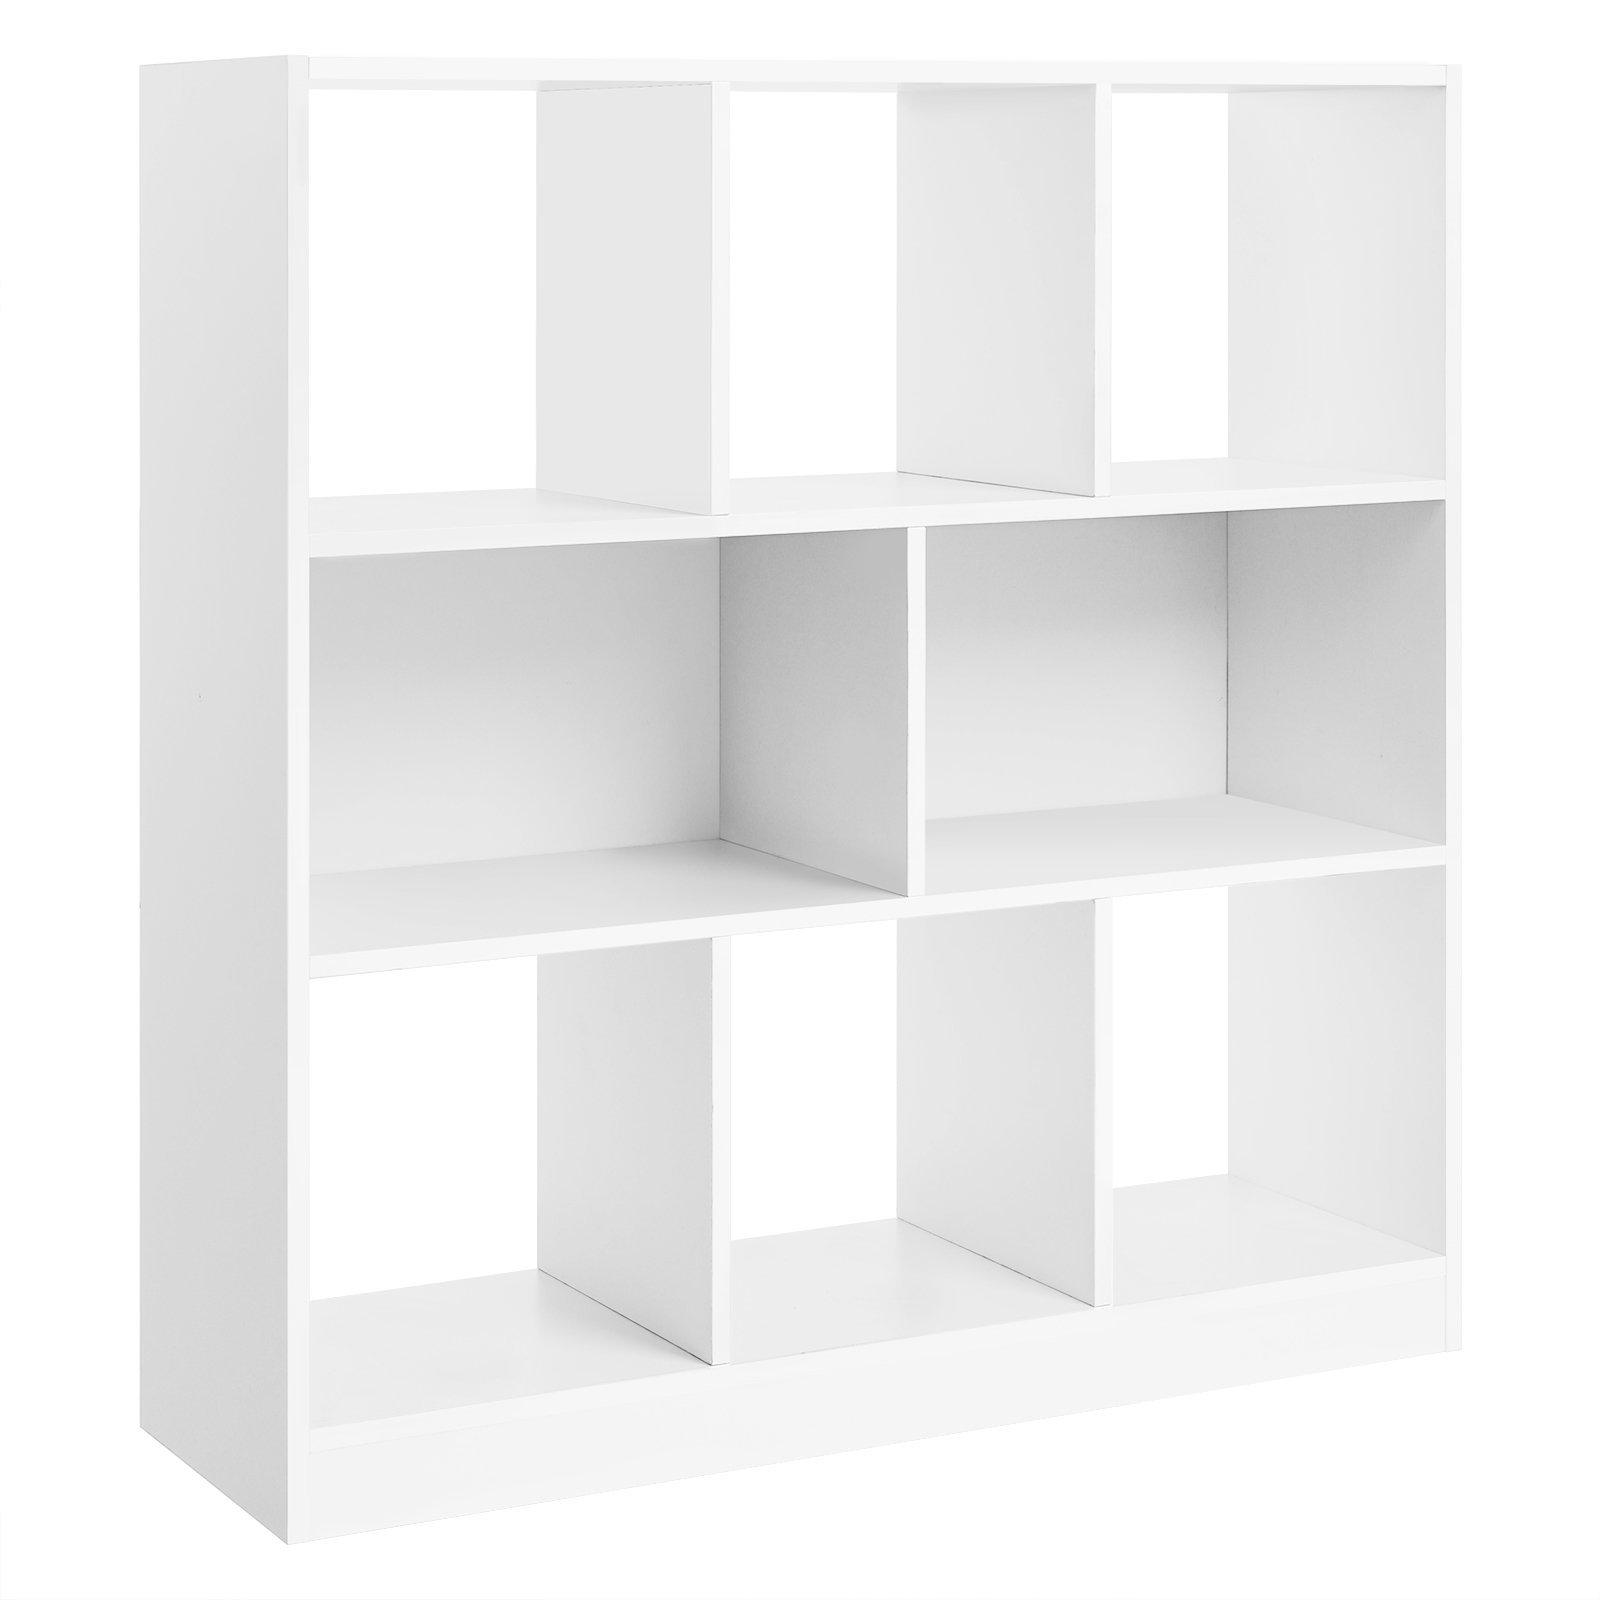 VASAGLE Bibliothèque Ouverte, Étagère de Rangement Sur Pieds, Dimensions: 97,5 x